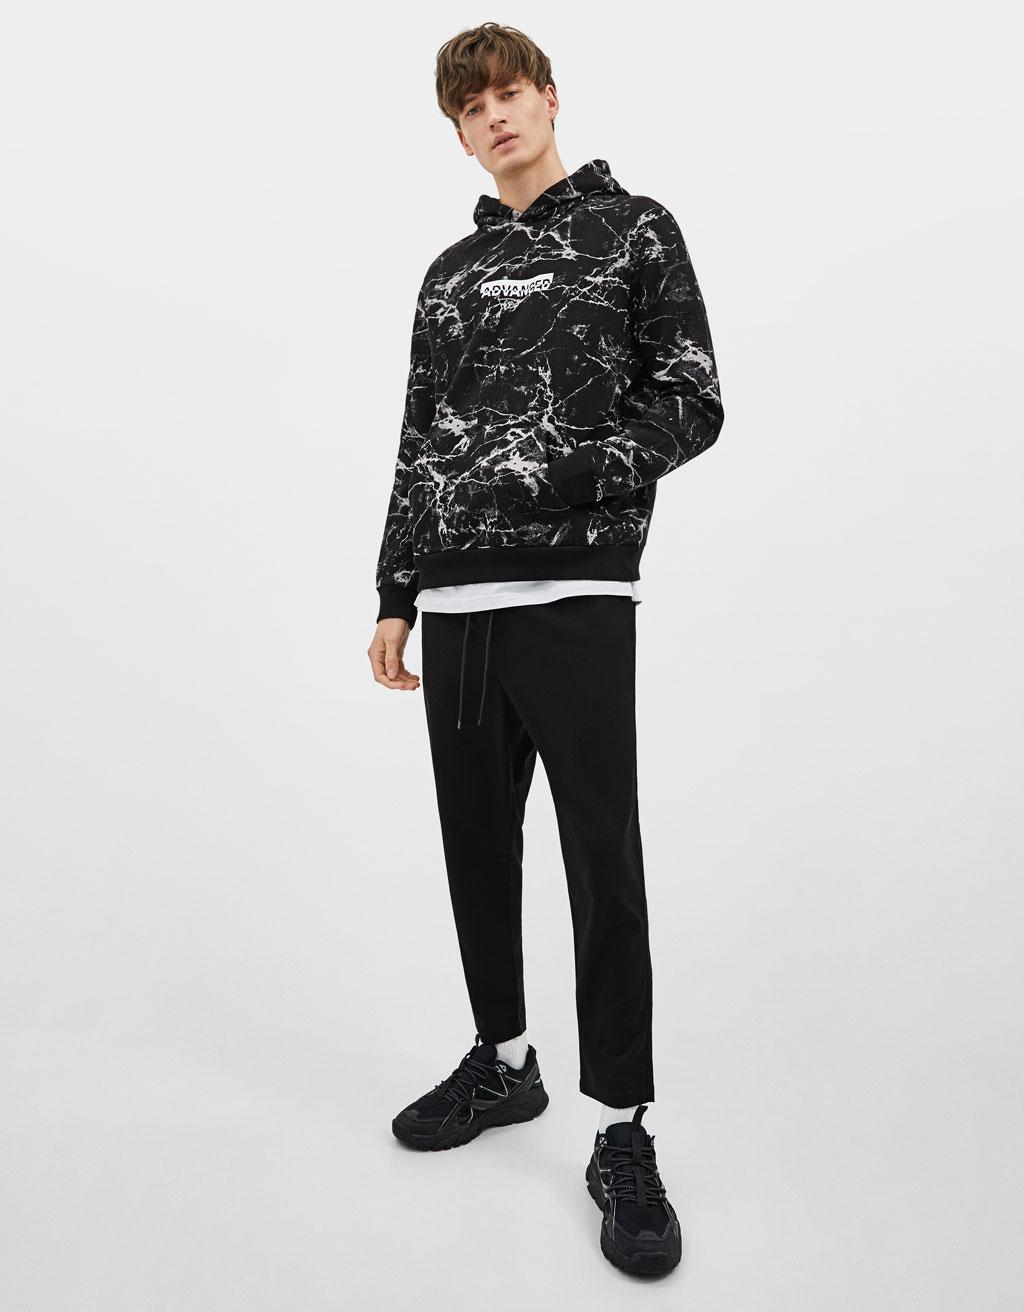 Marble print hoodie